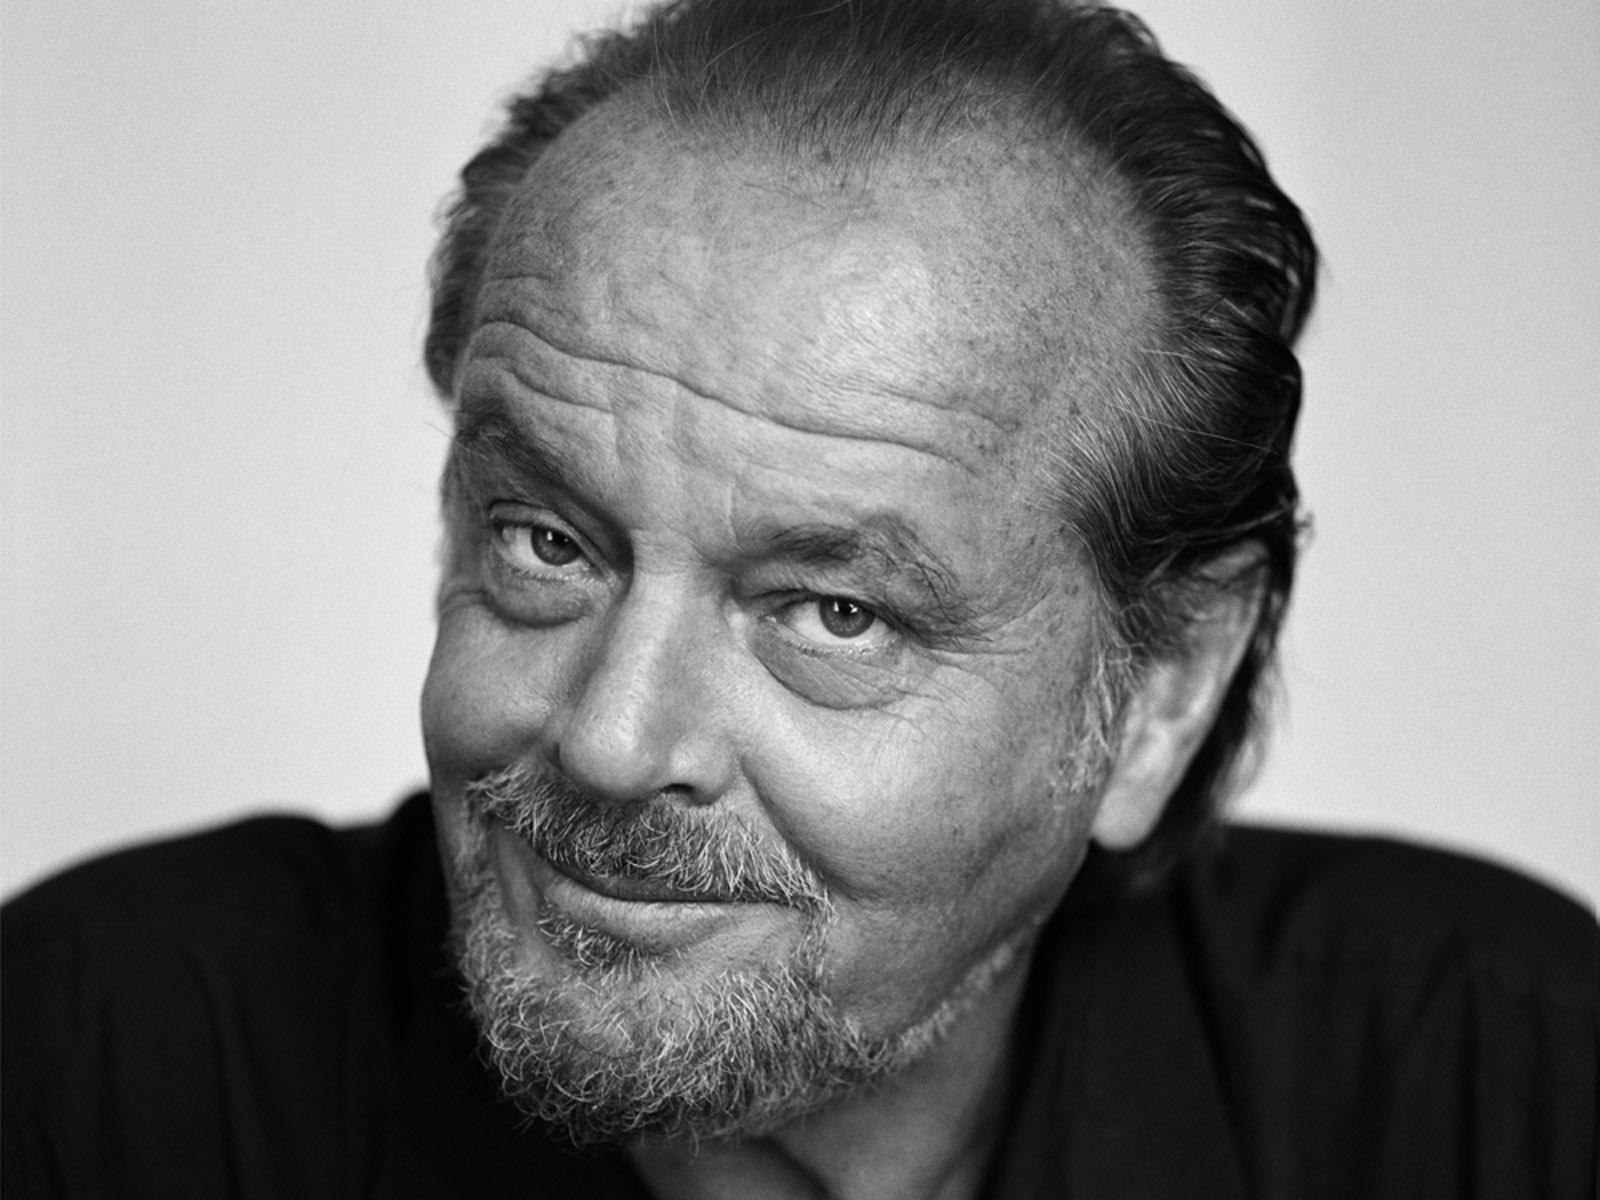 Mr. Jack Nicholson lived deceived